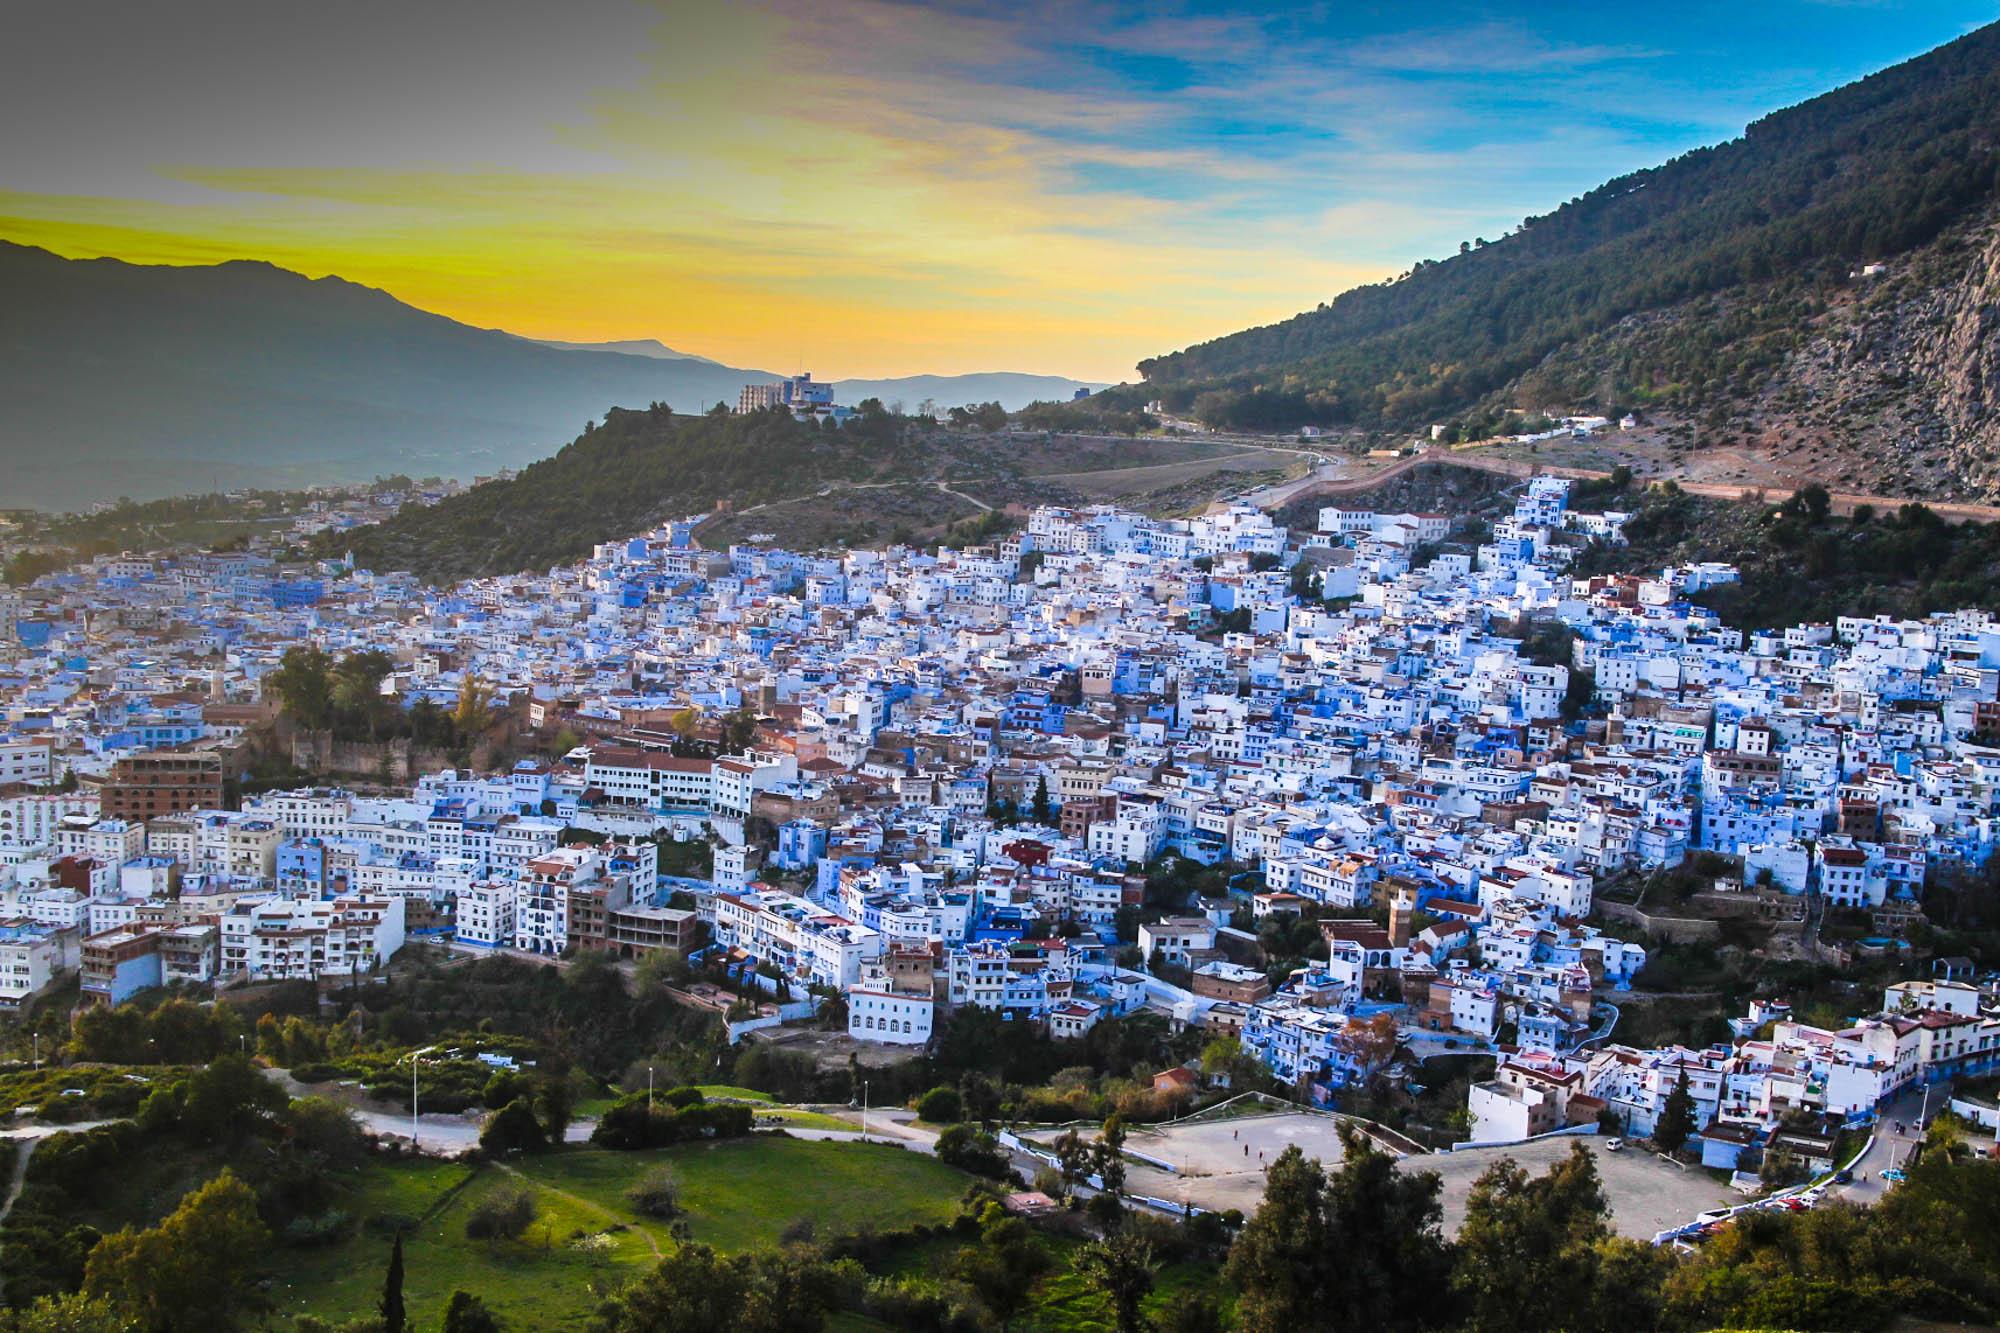 paket wisata maroko